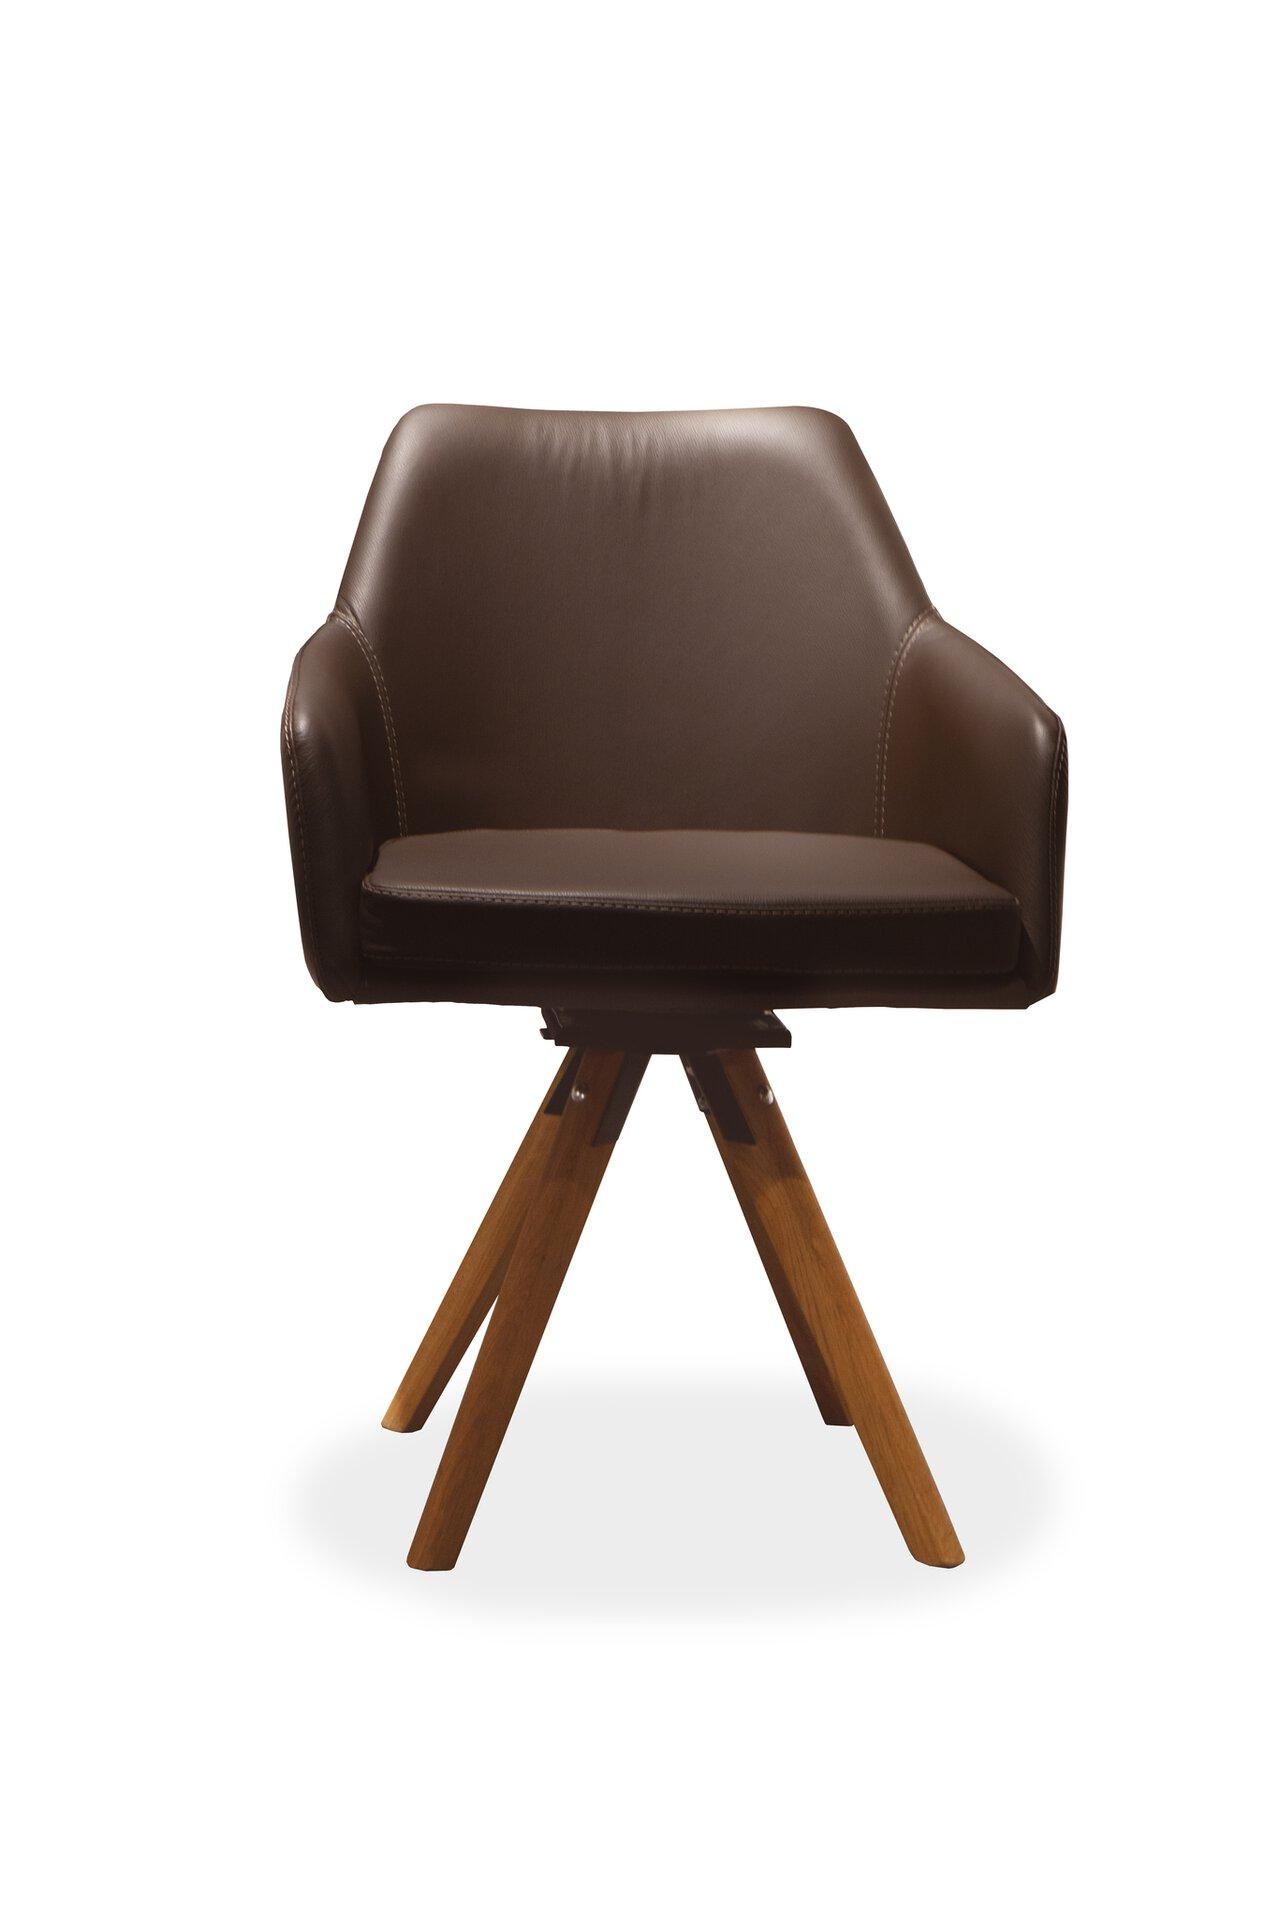 Stuhl 4A Dinett Leder braun 48 x 83 x 61 cm